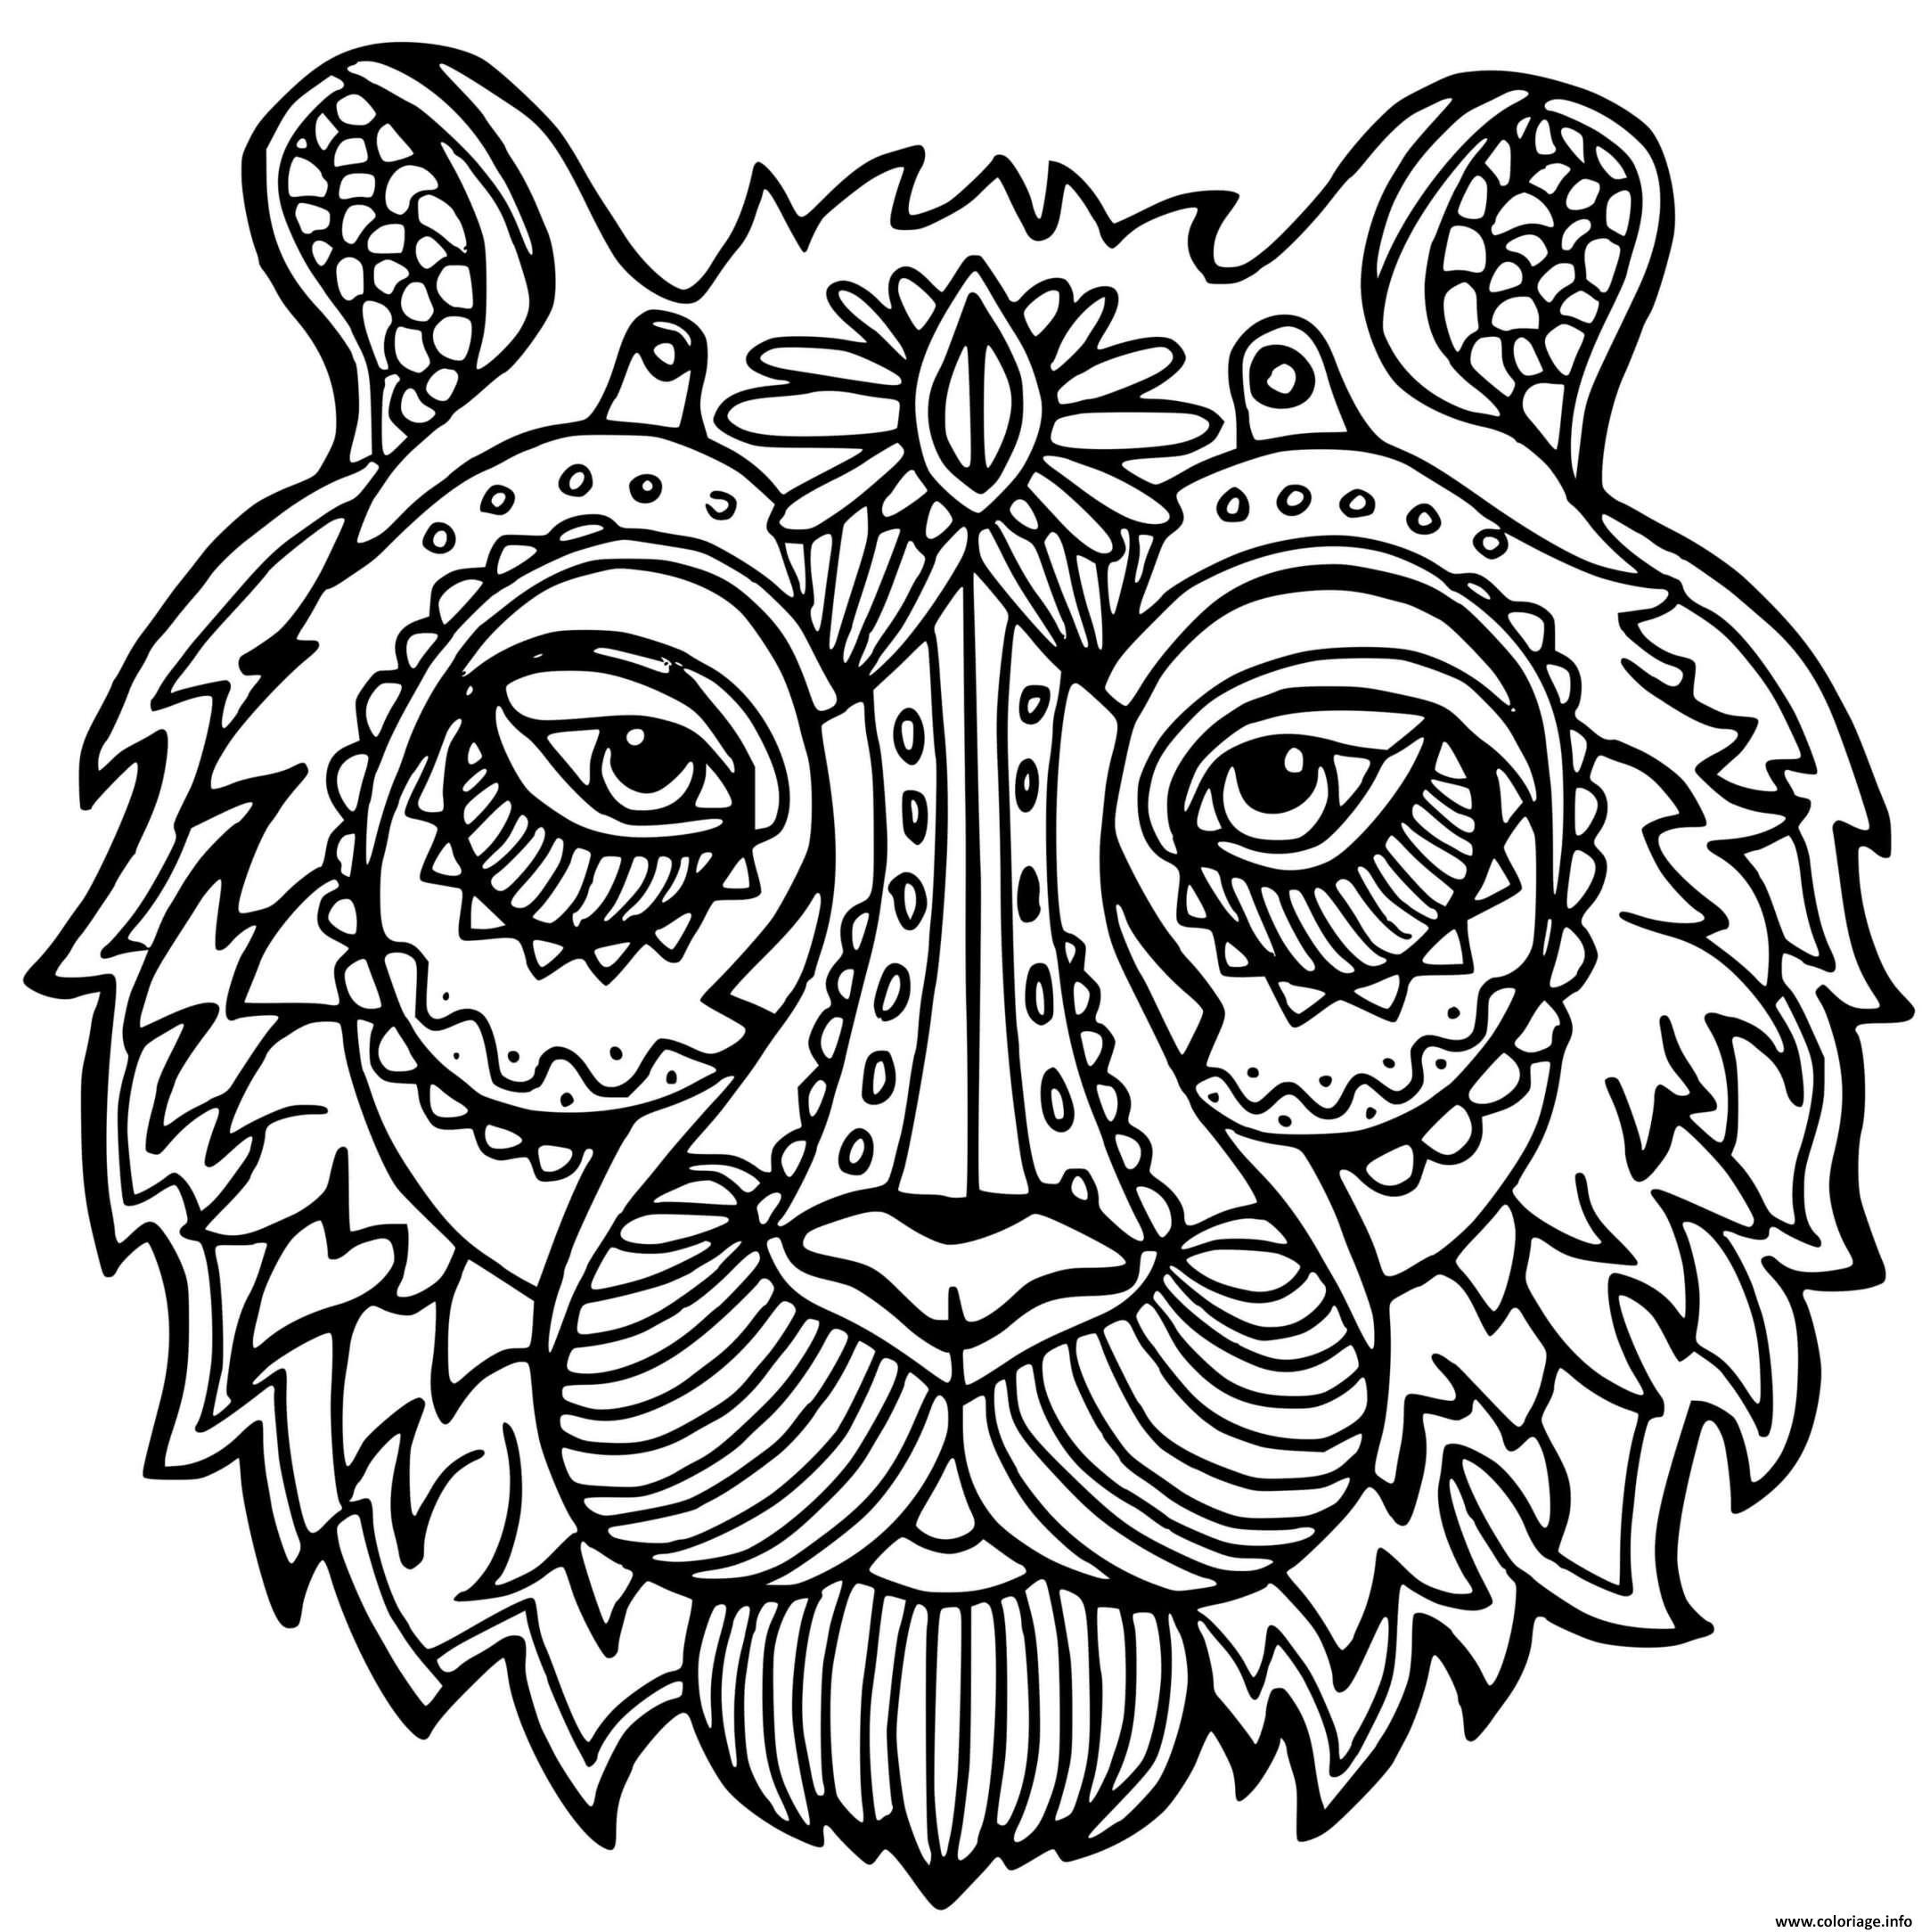 Dessin tigre adulte felin Coloriage Gratuit à Imprimer